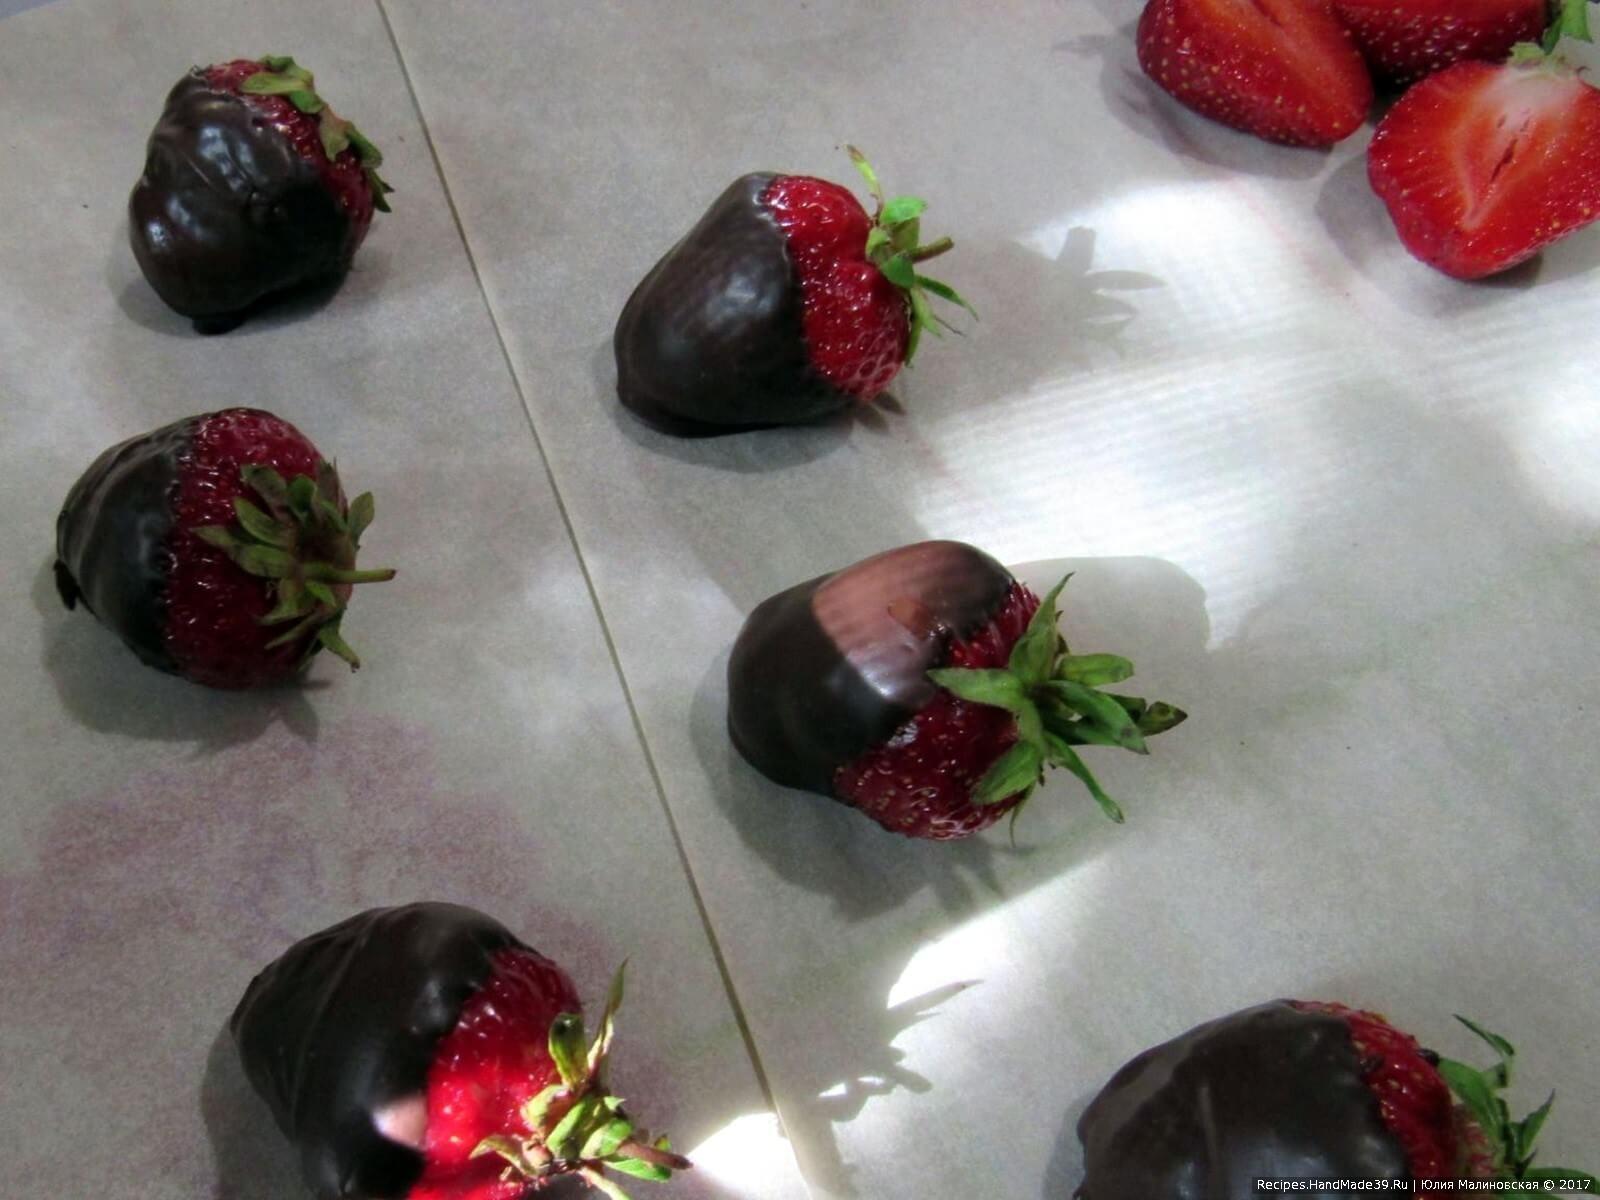 Клубнику вымыть и обсушить, растопить 50 г шоколада, обмакнуть в него несколько ягод, остальные просто разрезать пополам для украшения